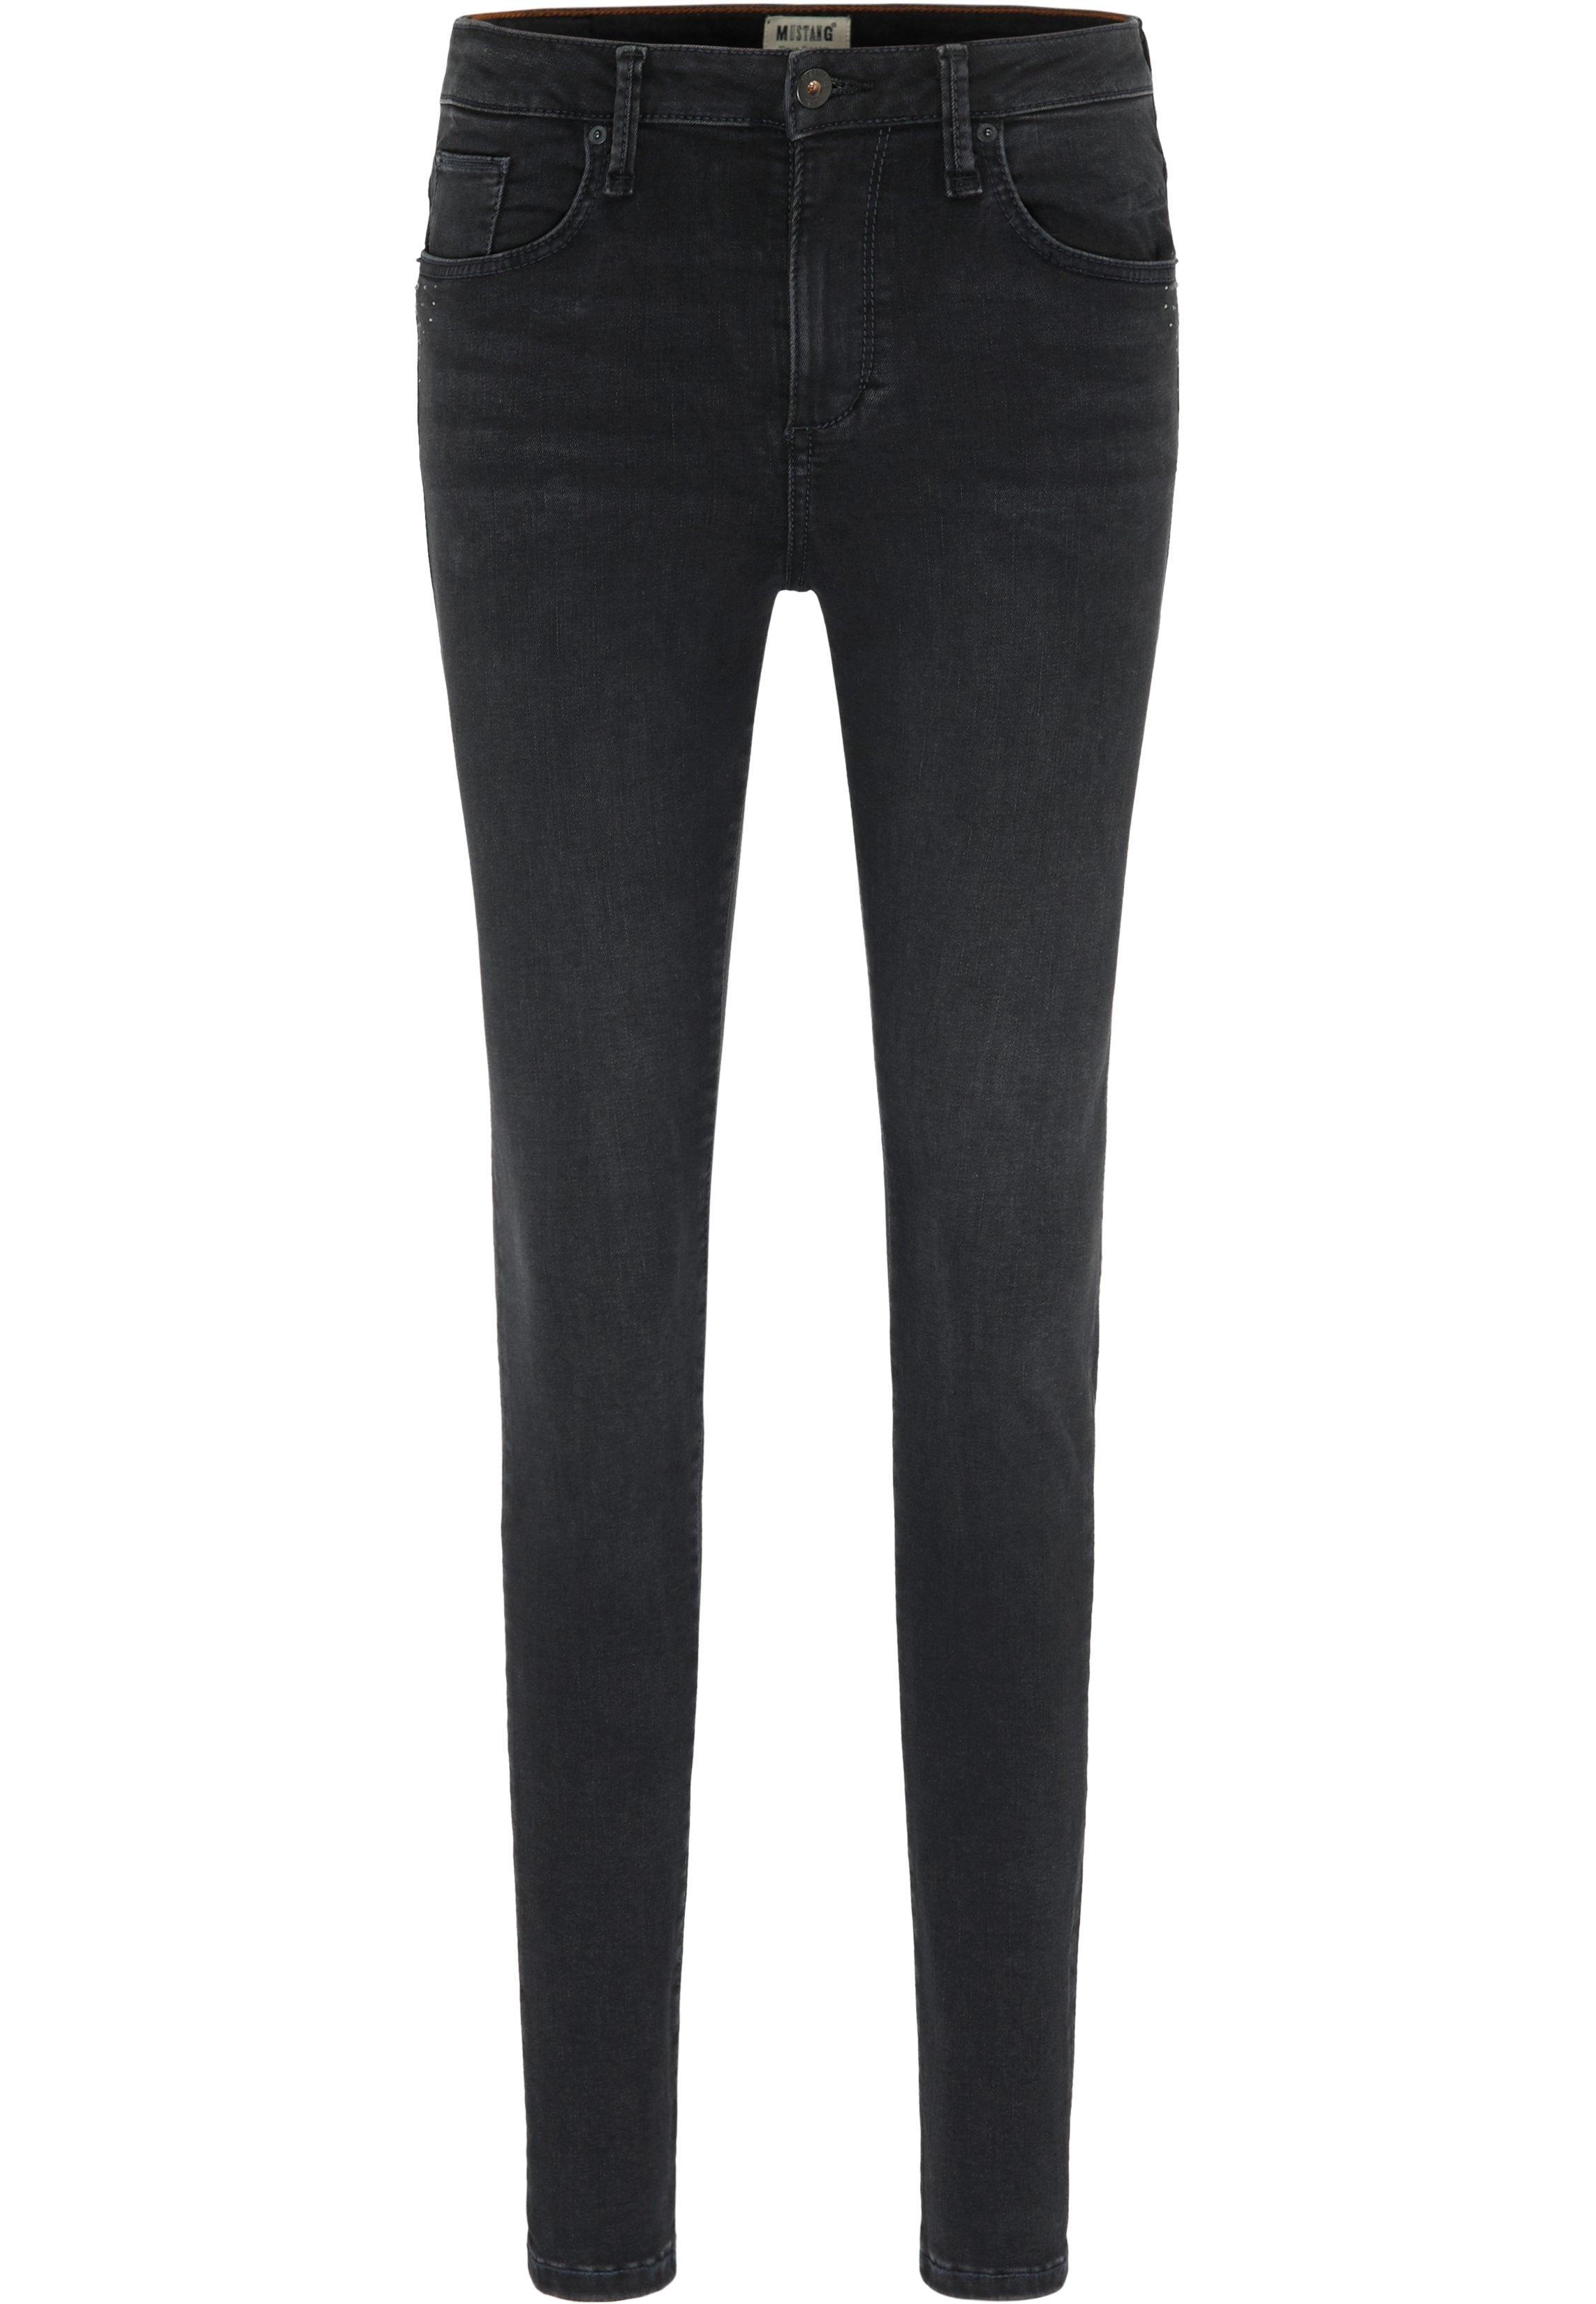 Op zoek naar een MUSTANG jeans »Mia Jeggings«? Koop online bij OTTO